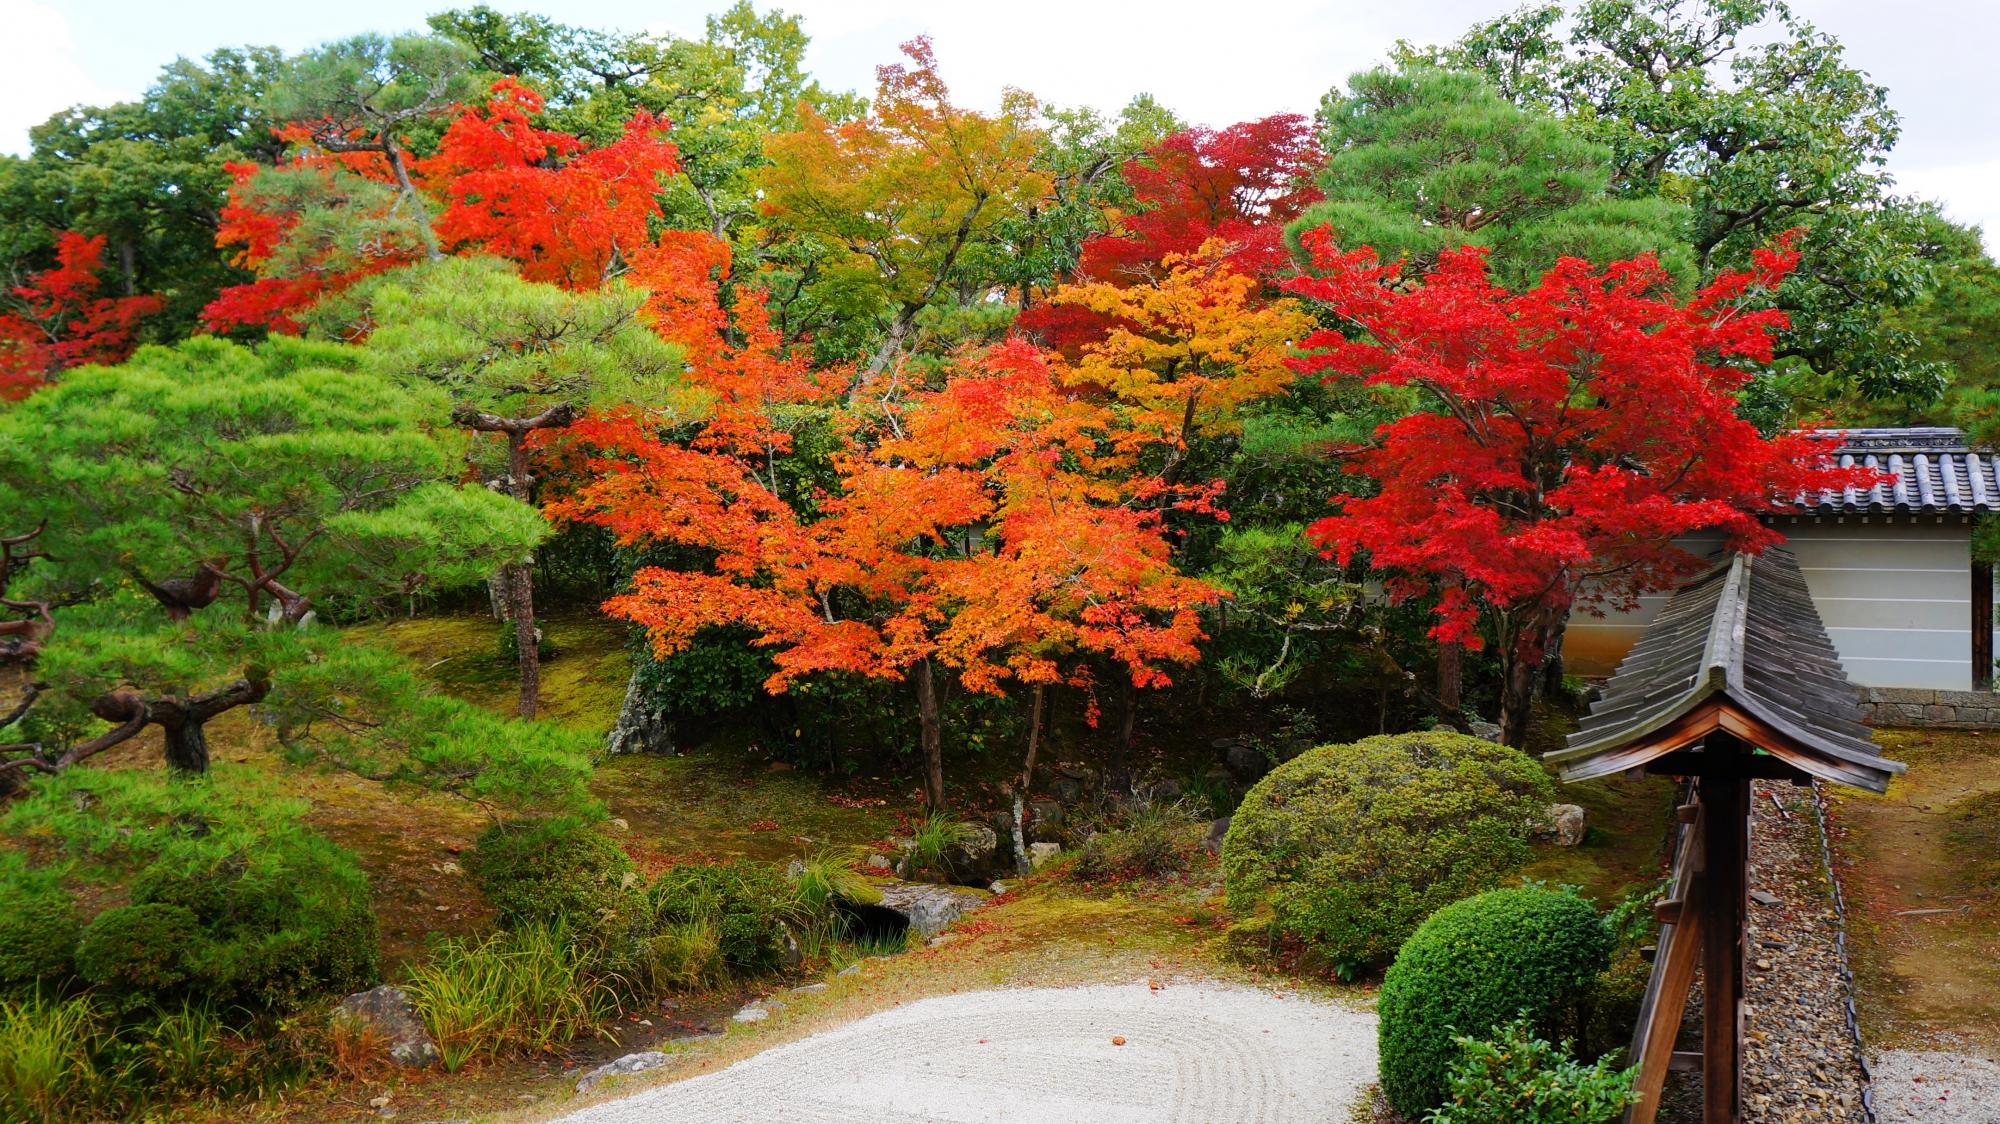 松や刈り込みなどの緑から溢れるような赤やオレンジの紅葉